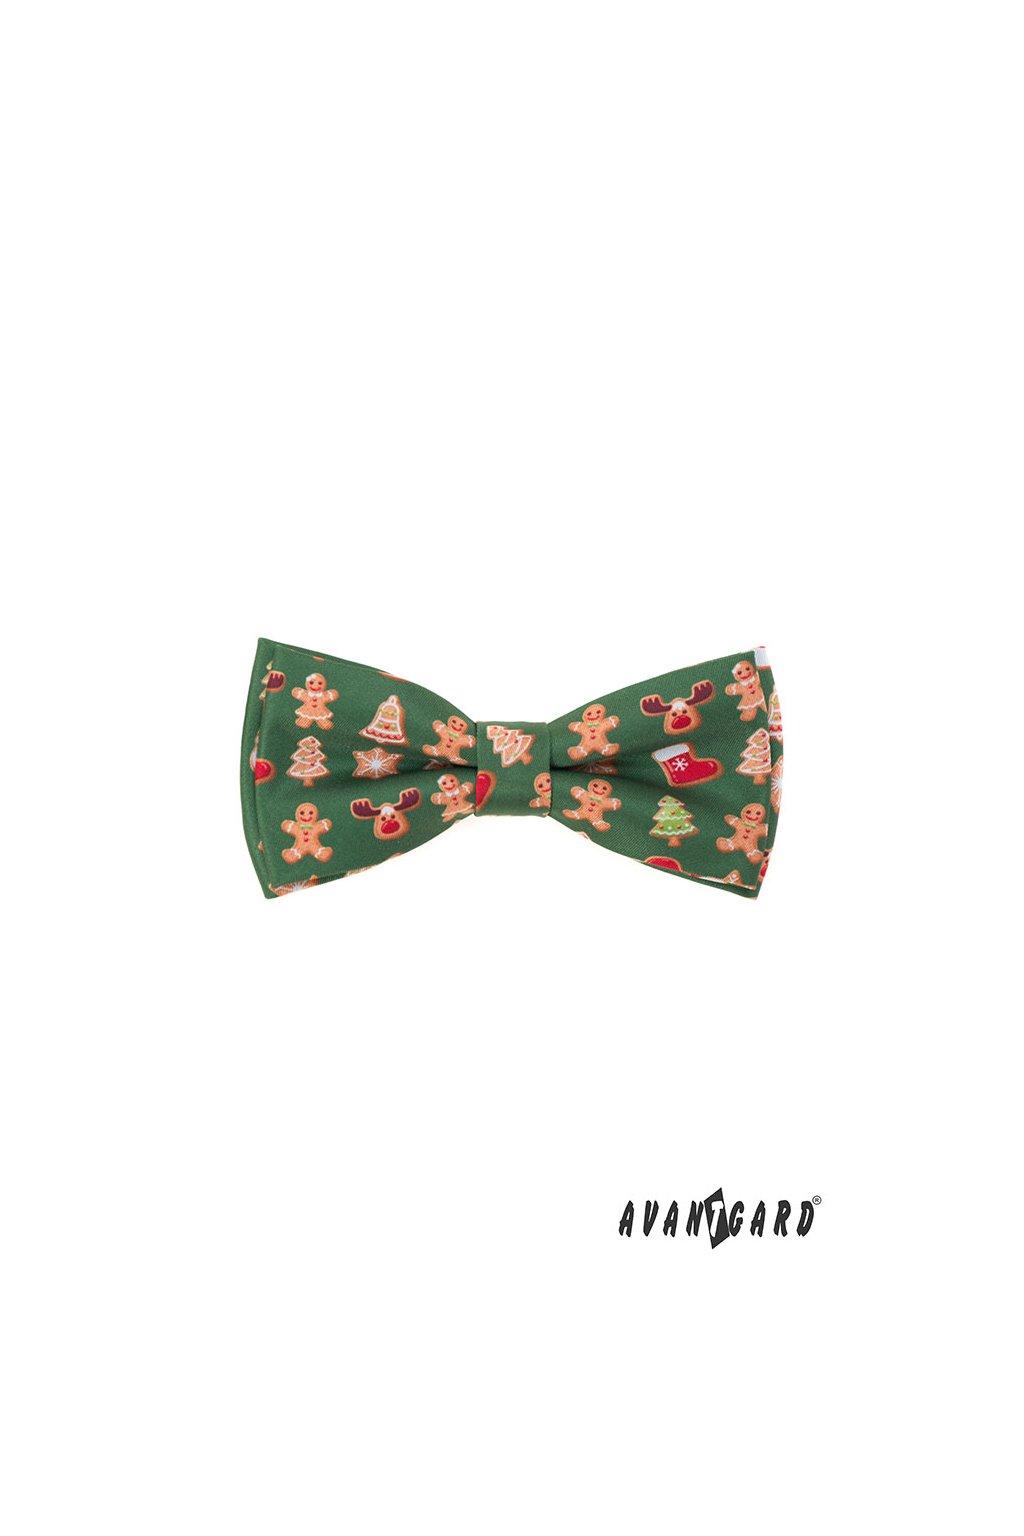 Motýlek s kapesníčkem zelená/perníček 575 - 1982